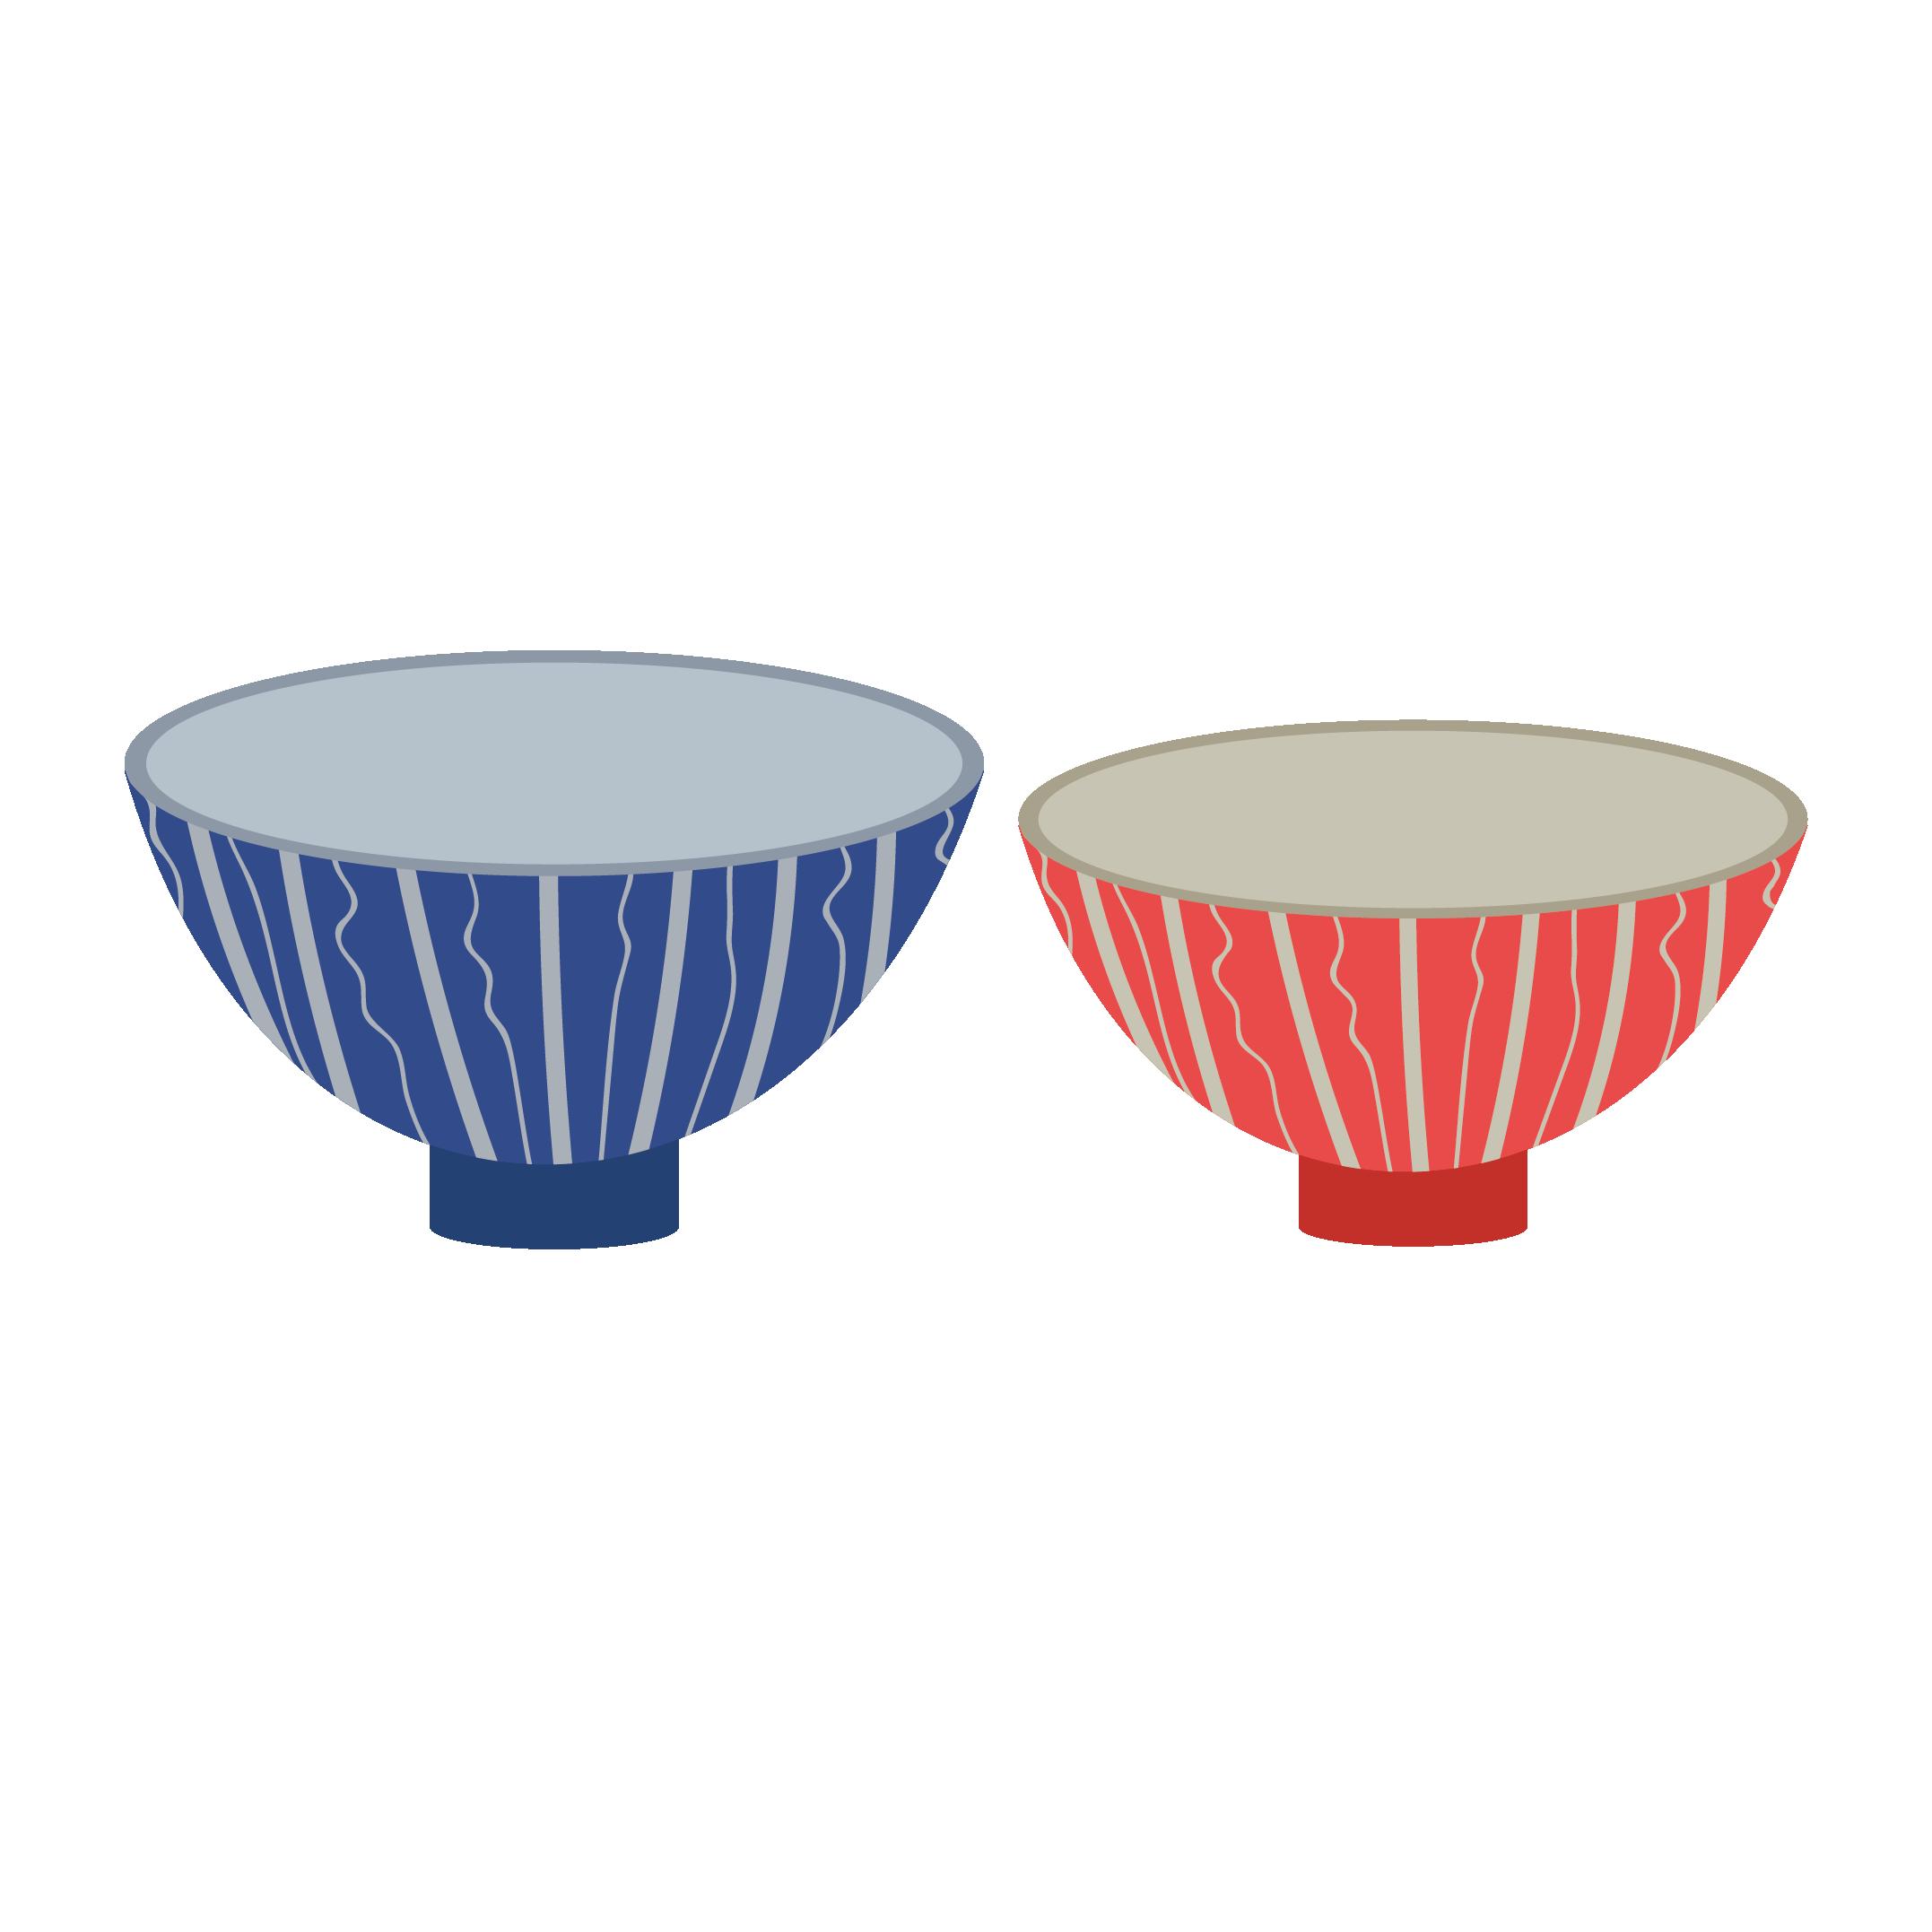 お茶碗 (夫婦茶碗)のイラスト